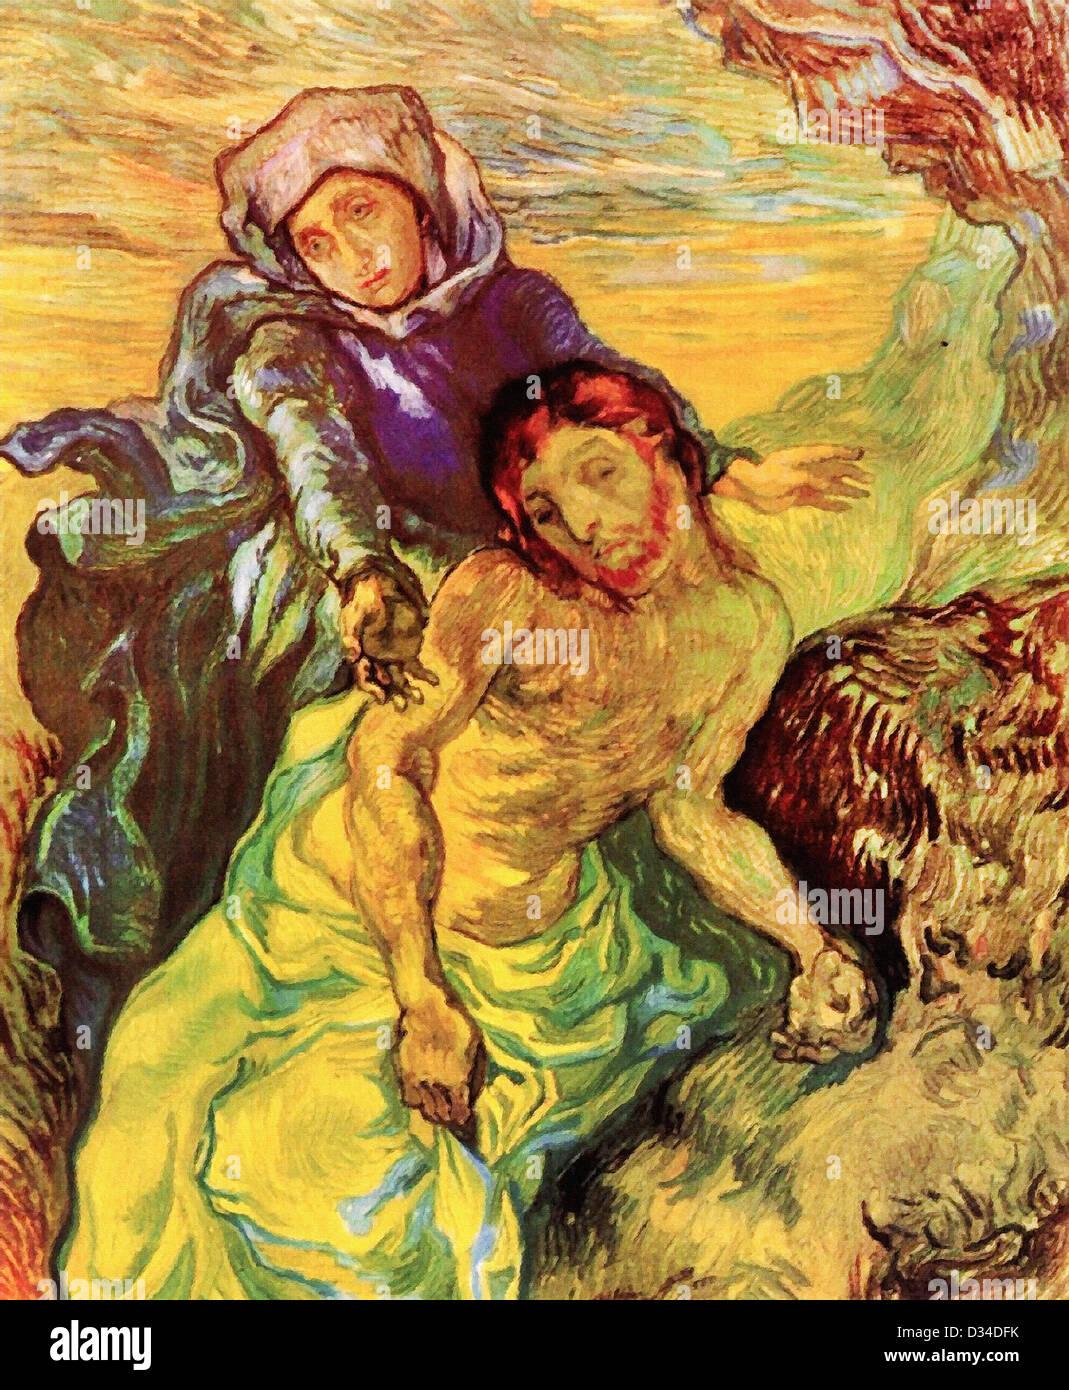 Vincent van Gogh, pietà. 1889. Post-Impressionism. Olio su tela. Van Gogh Museum di Amsterdam, Paesi Bassi. Immagini Stock